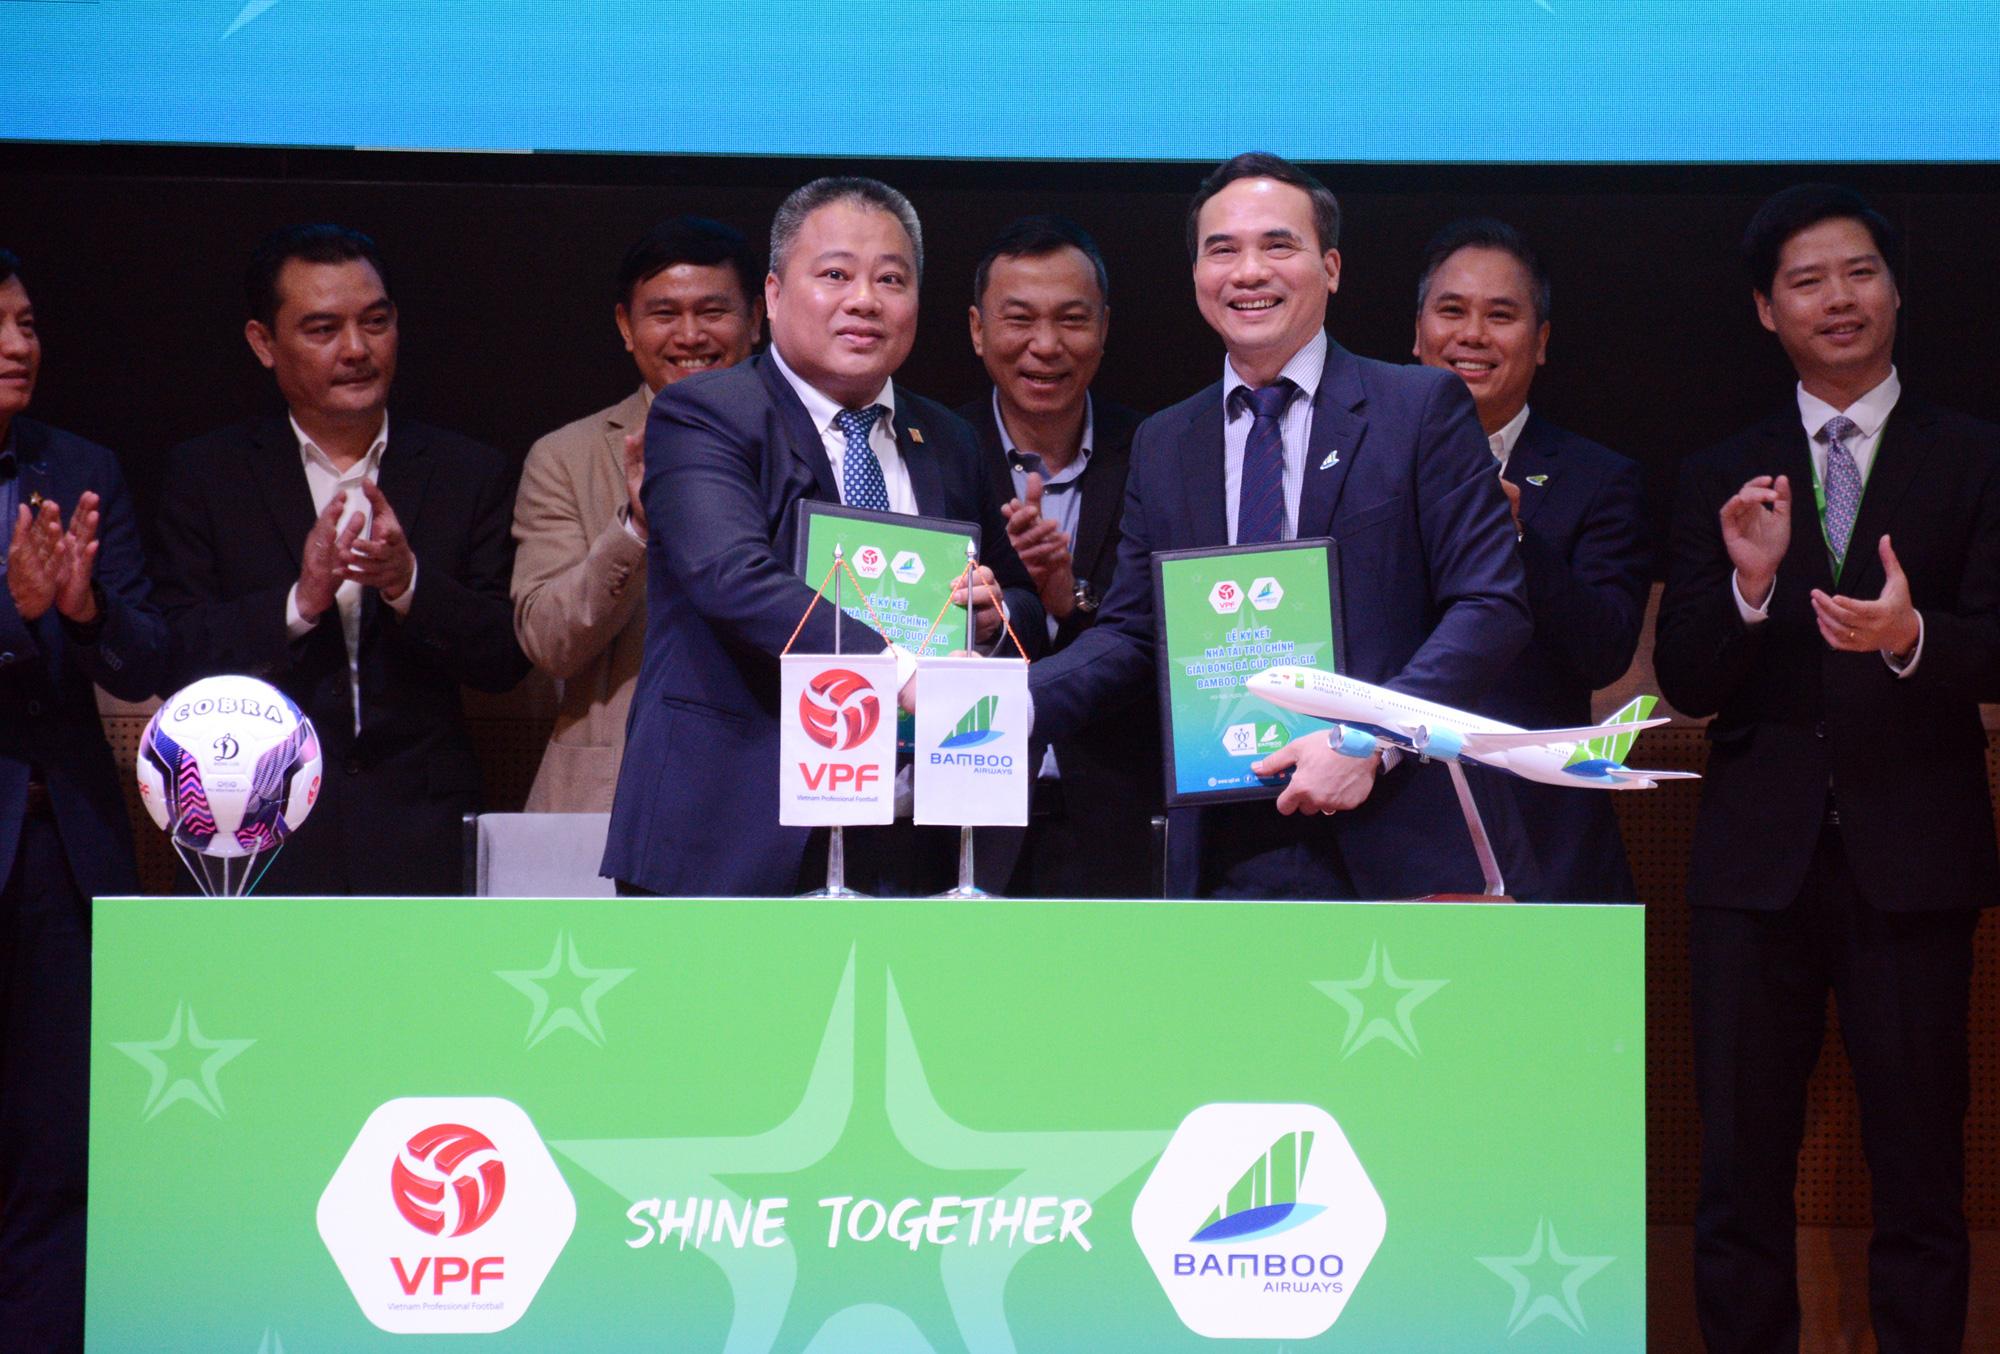 Ông Nguyễn Minh Ngọc - Tổng Giám đốc VPF ký kết với nhà tài trợ Cúp QG Bamboo Airways 2021. Ảnh: Thu Hà